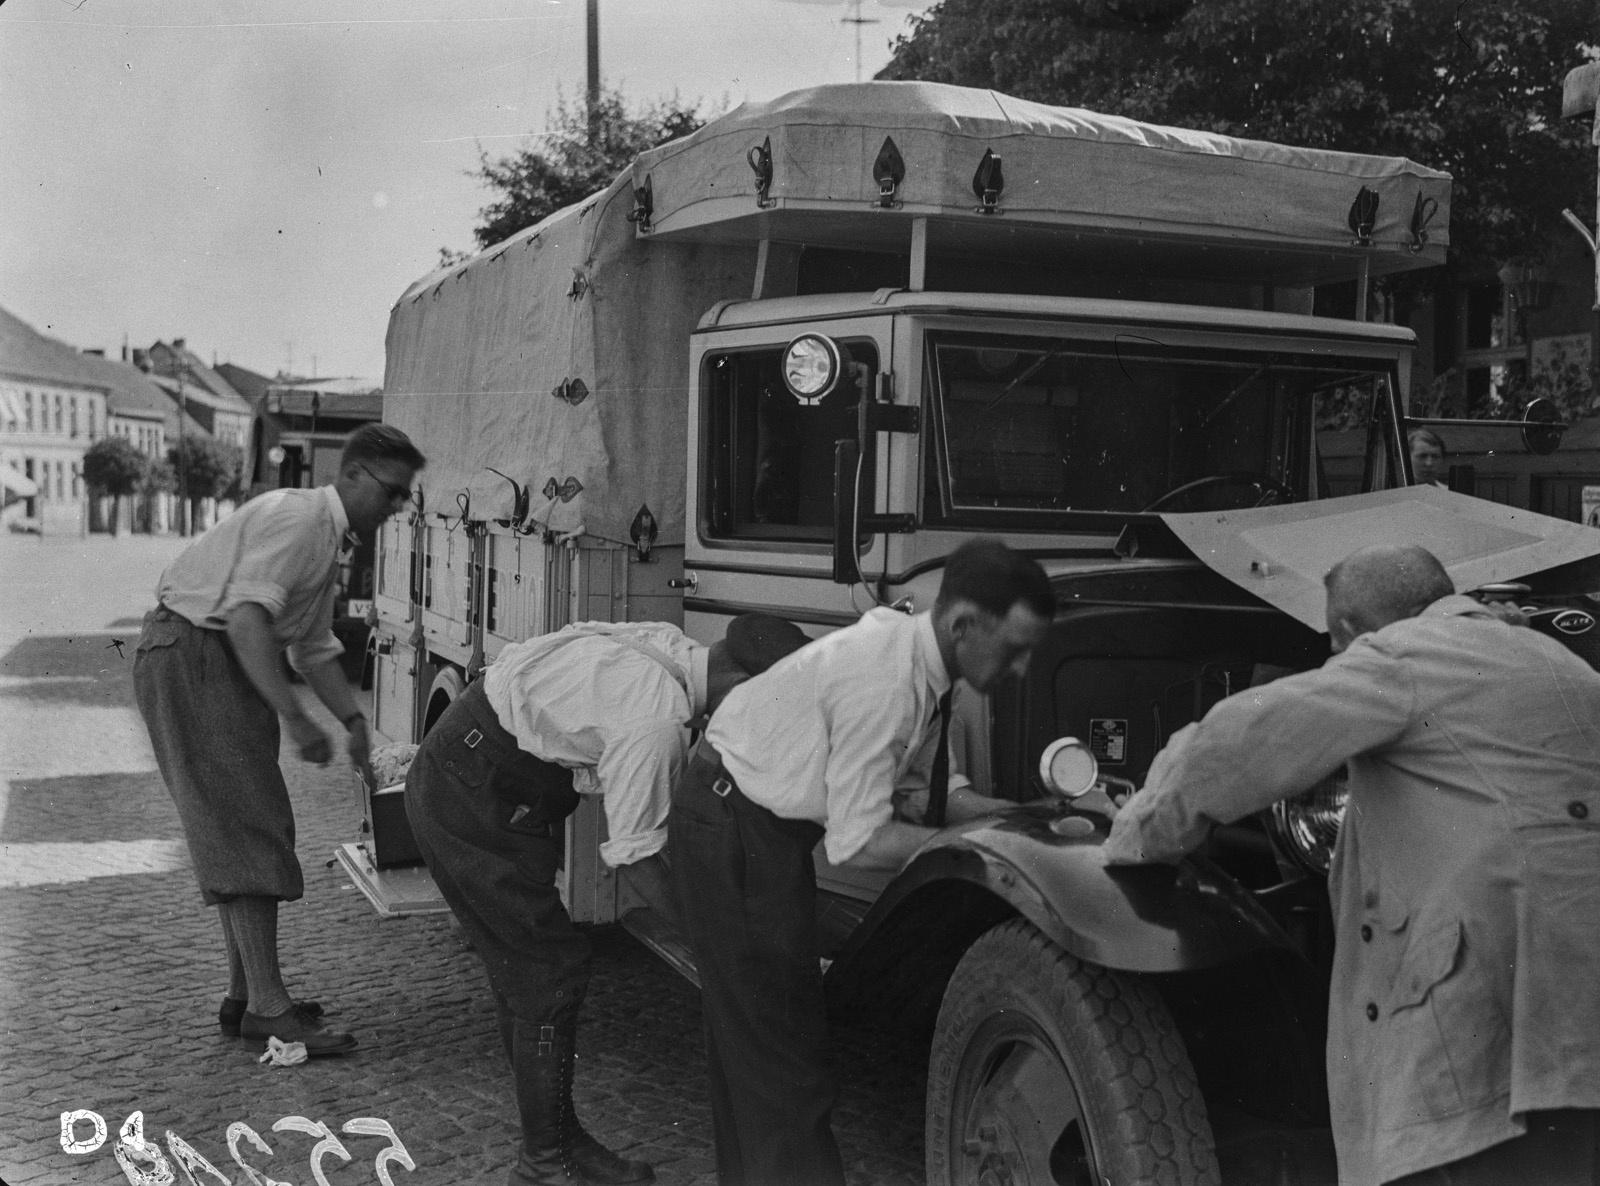 Участники экспедиции ремонтируют грузовик